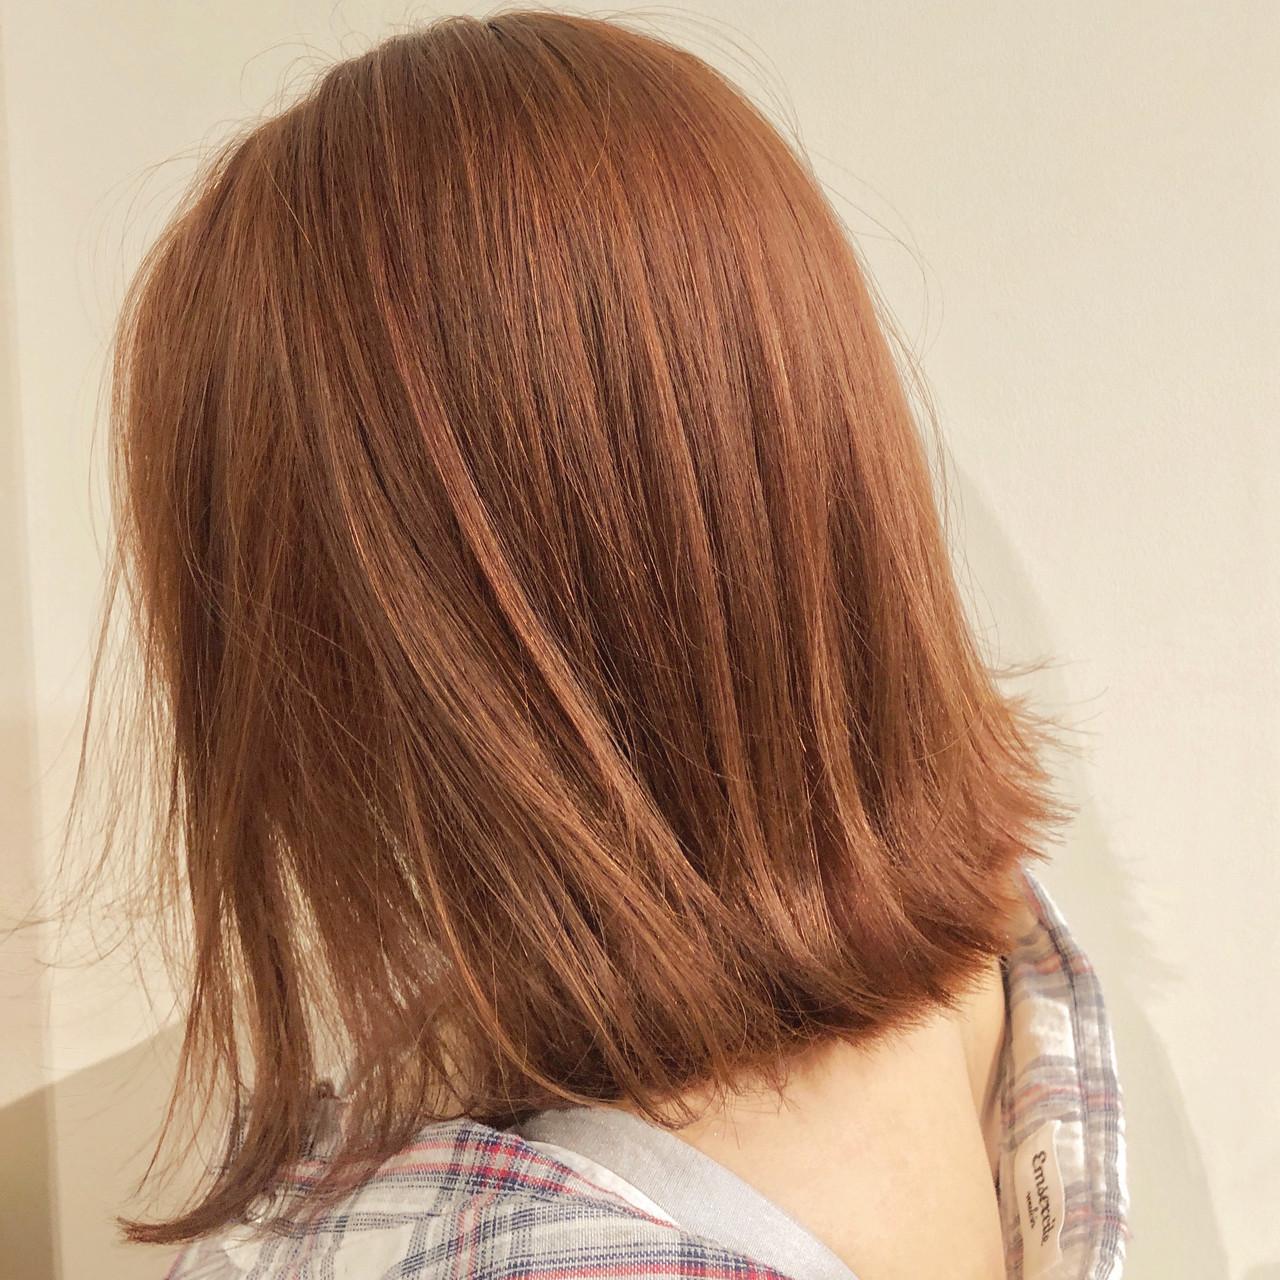 フェミニン ミディアム ブリーチなし オレンジカラー ヘアスタイルや髪型の写真・画像